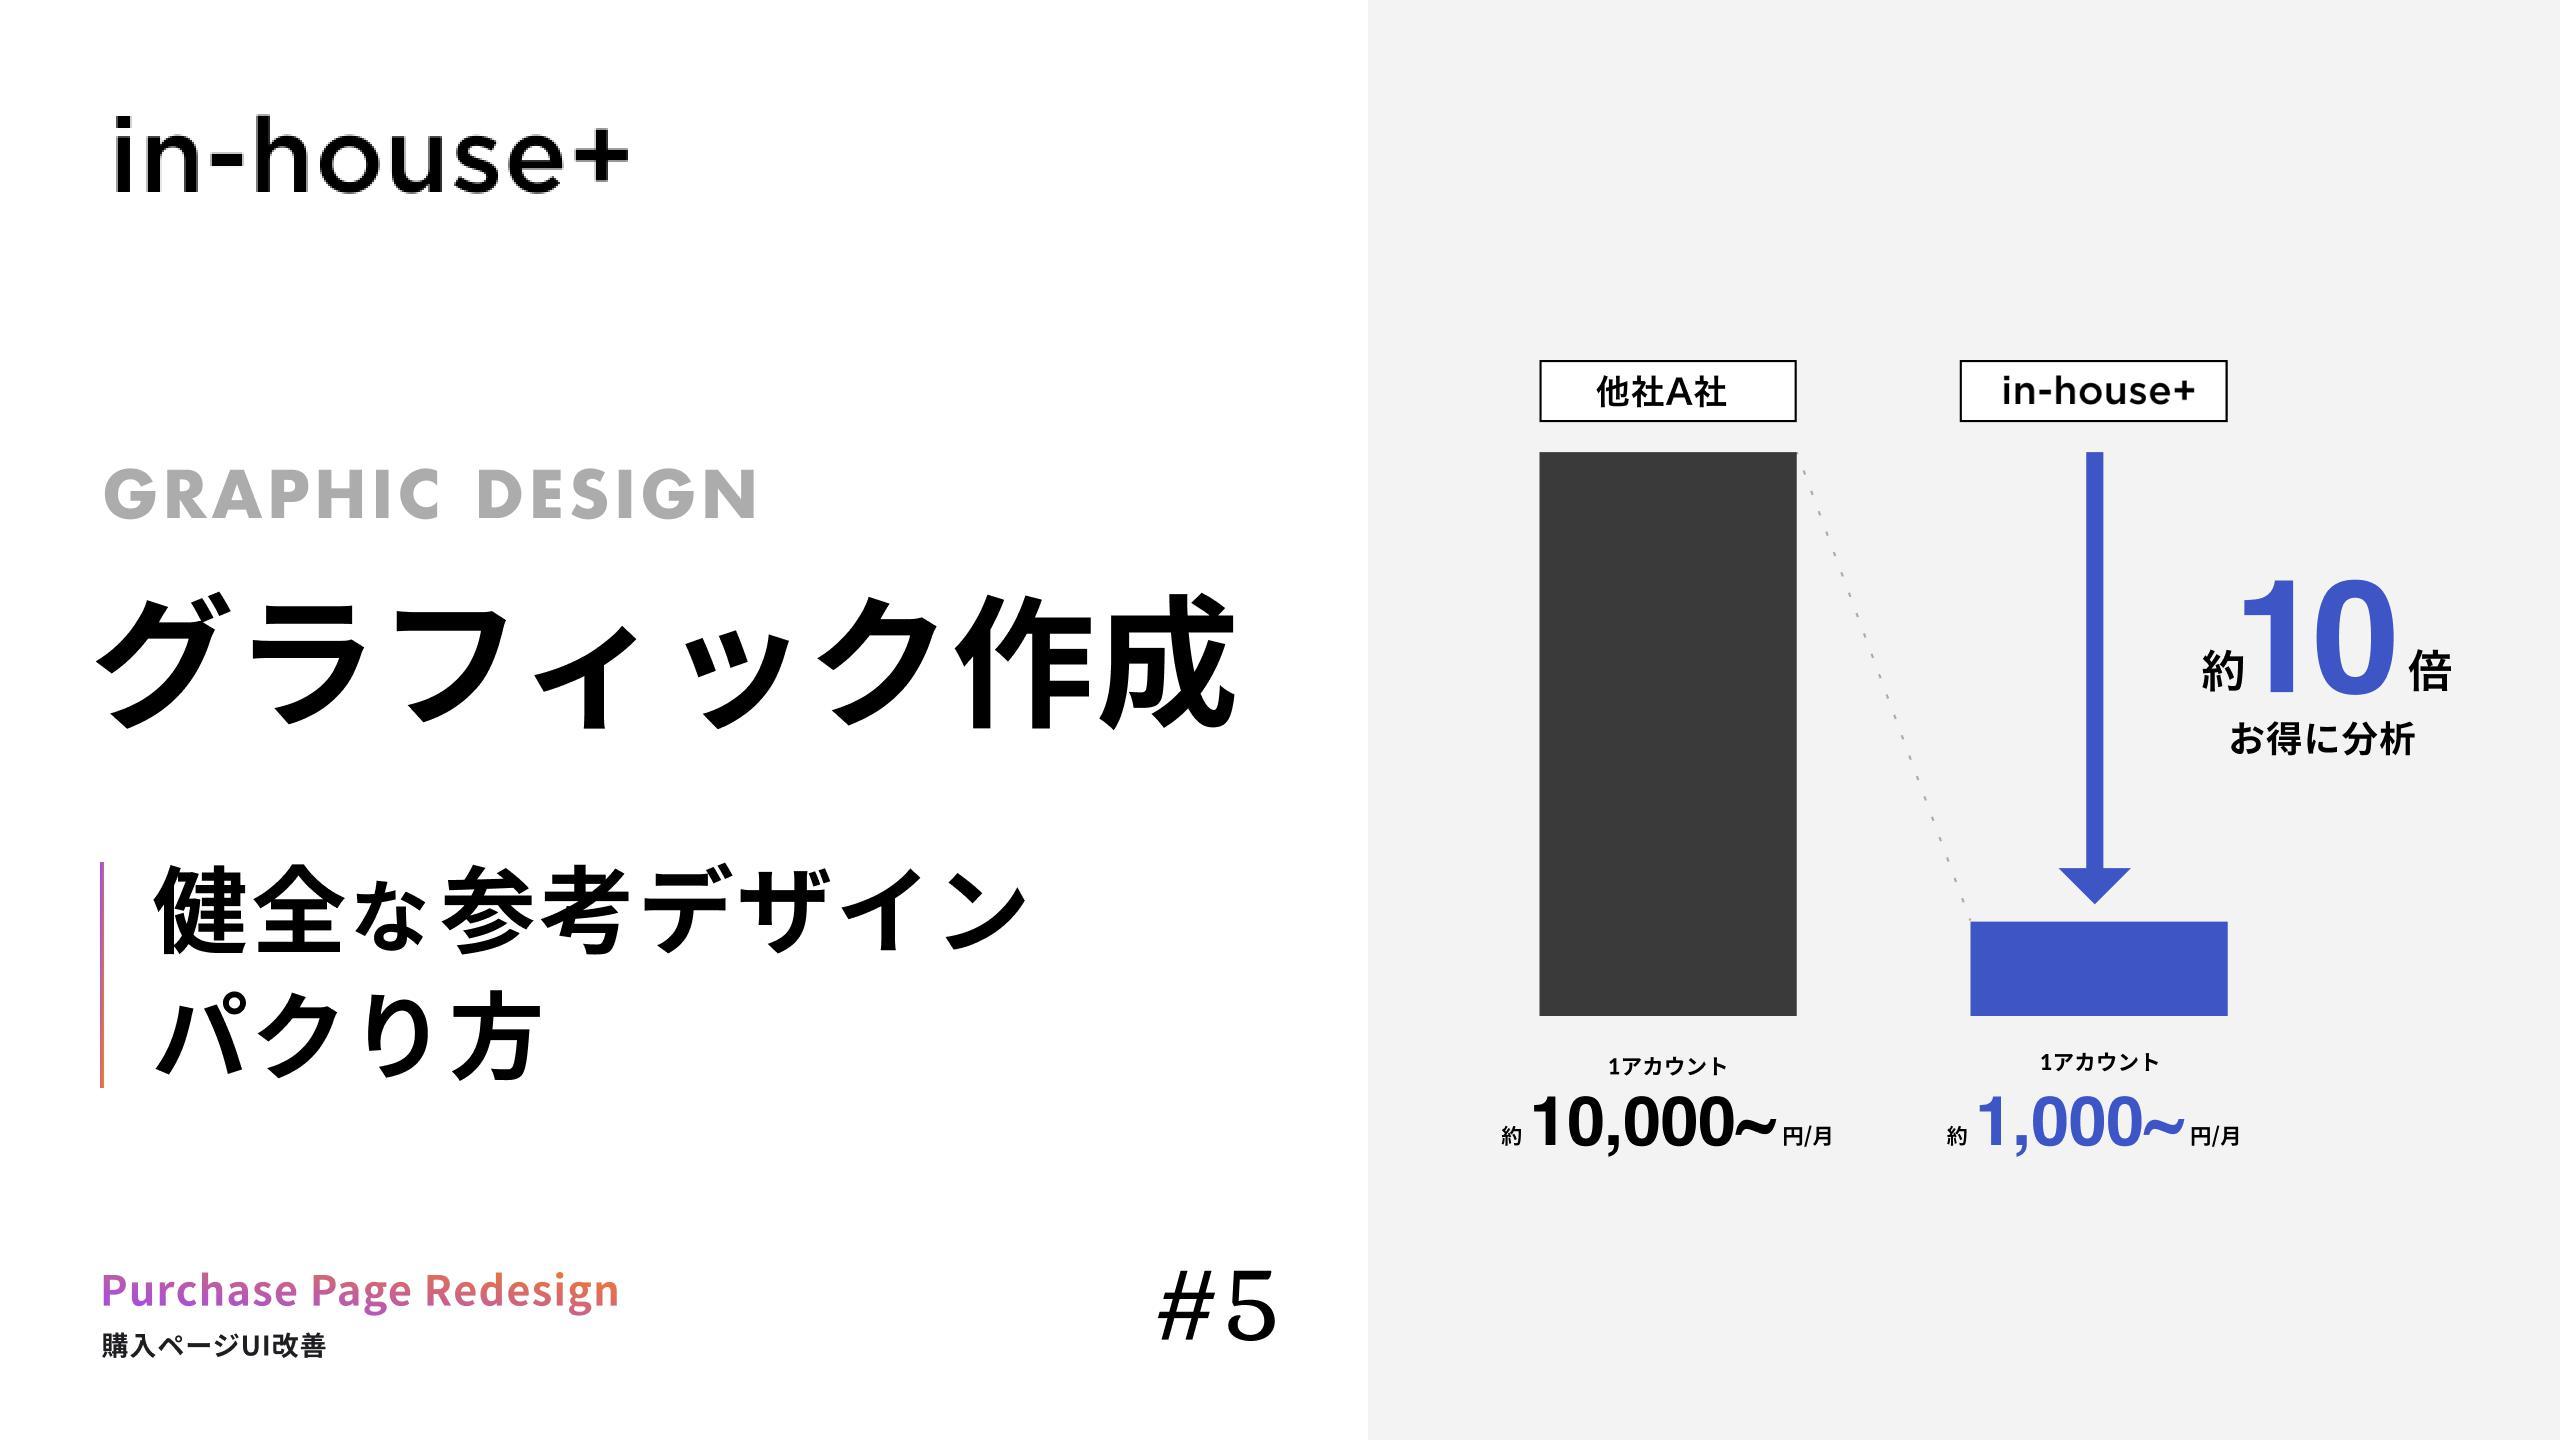 【顧客中心のUI改善実務編】5.LPのグラフィック作成を作るコツ